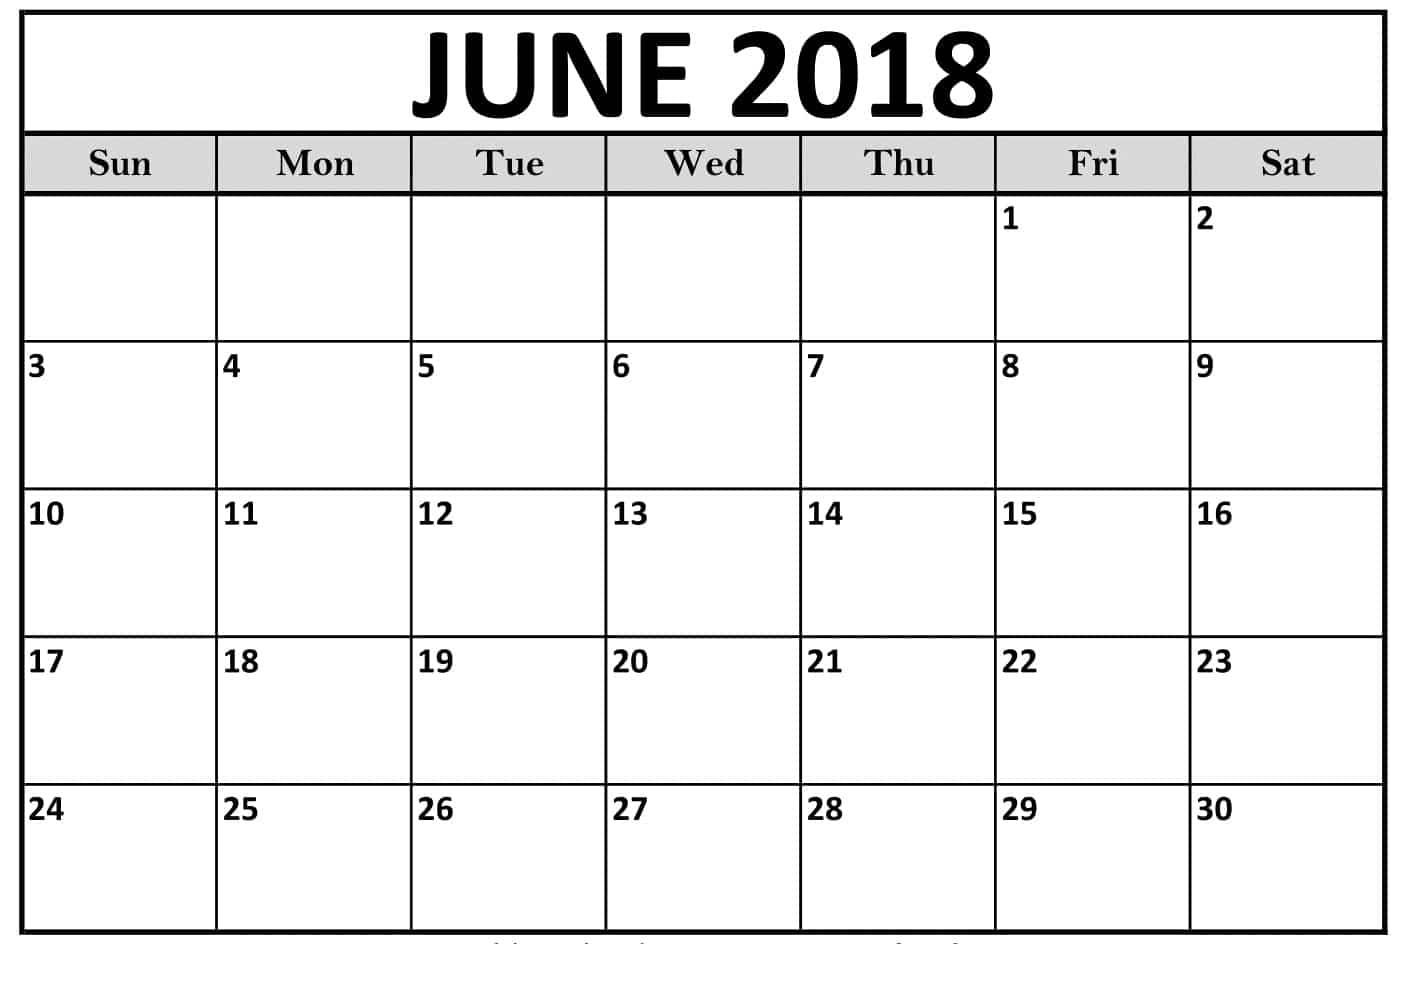 June Calendar For 2018